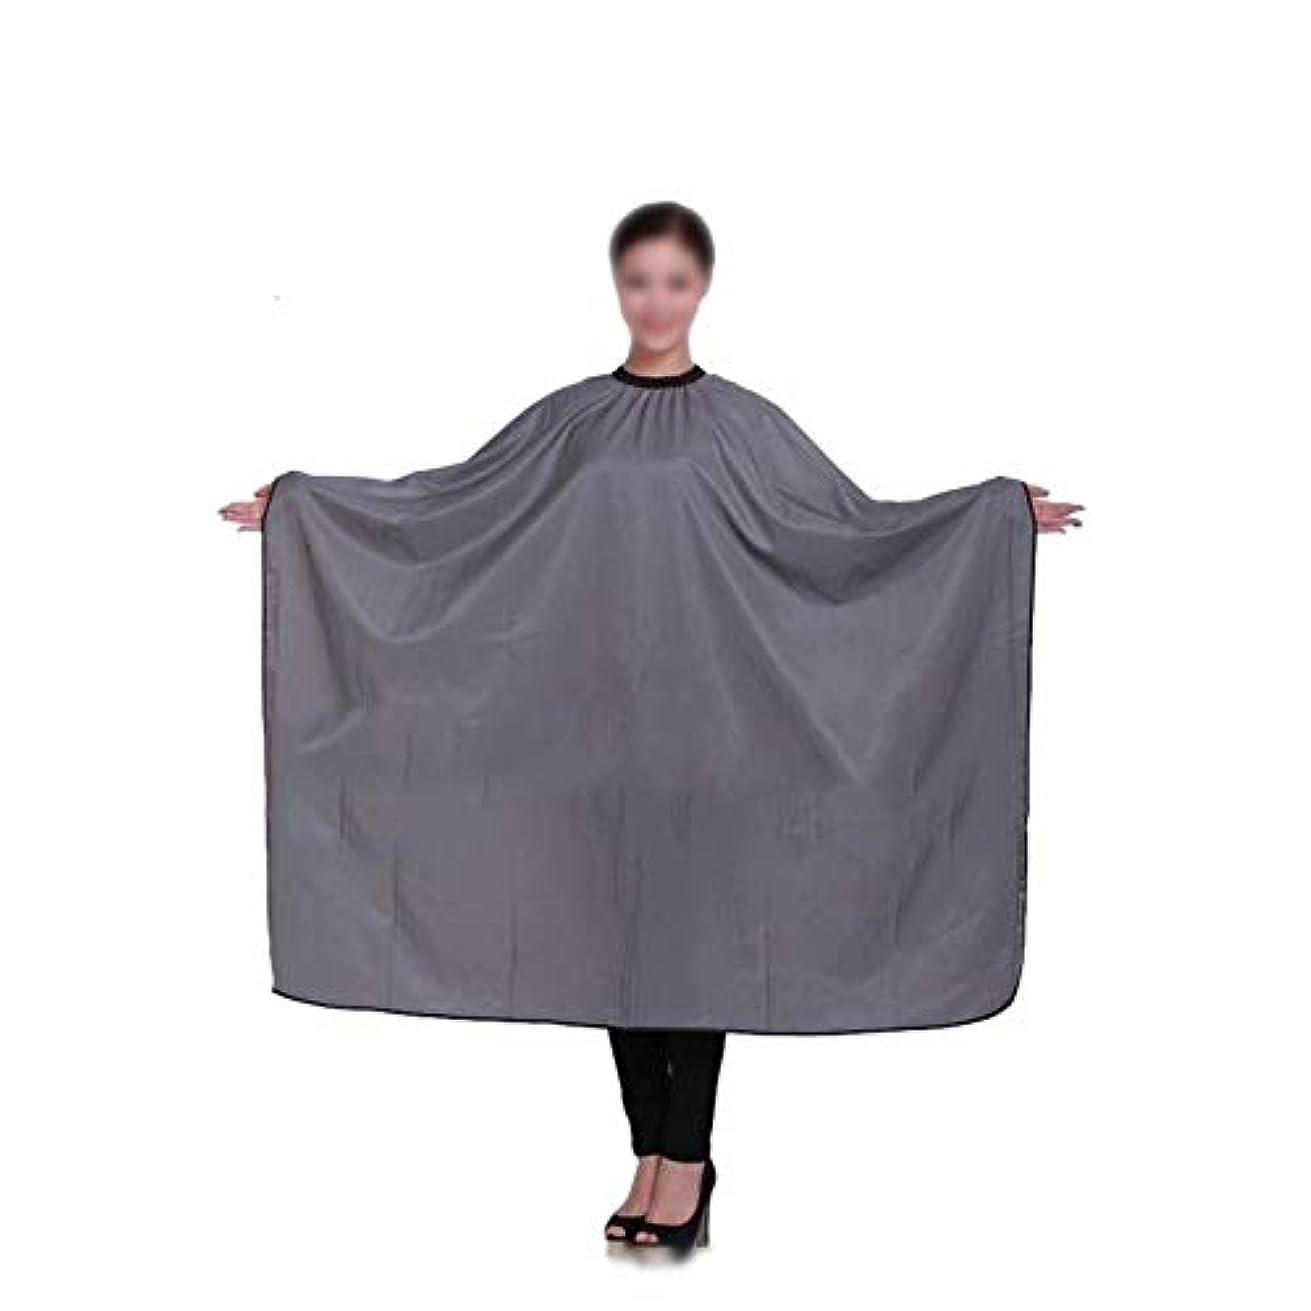 証明書悩み熱望するサロンヘアカットエプロンヘアカット防水布スタイリングガウングレー モデリングツール